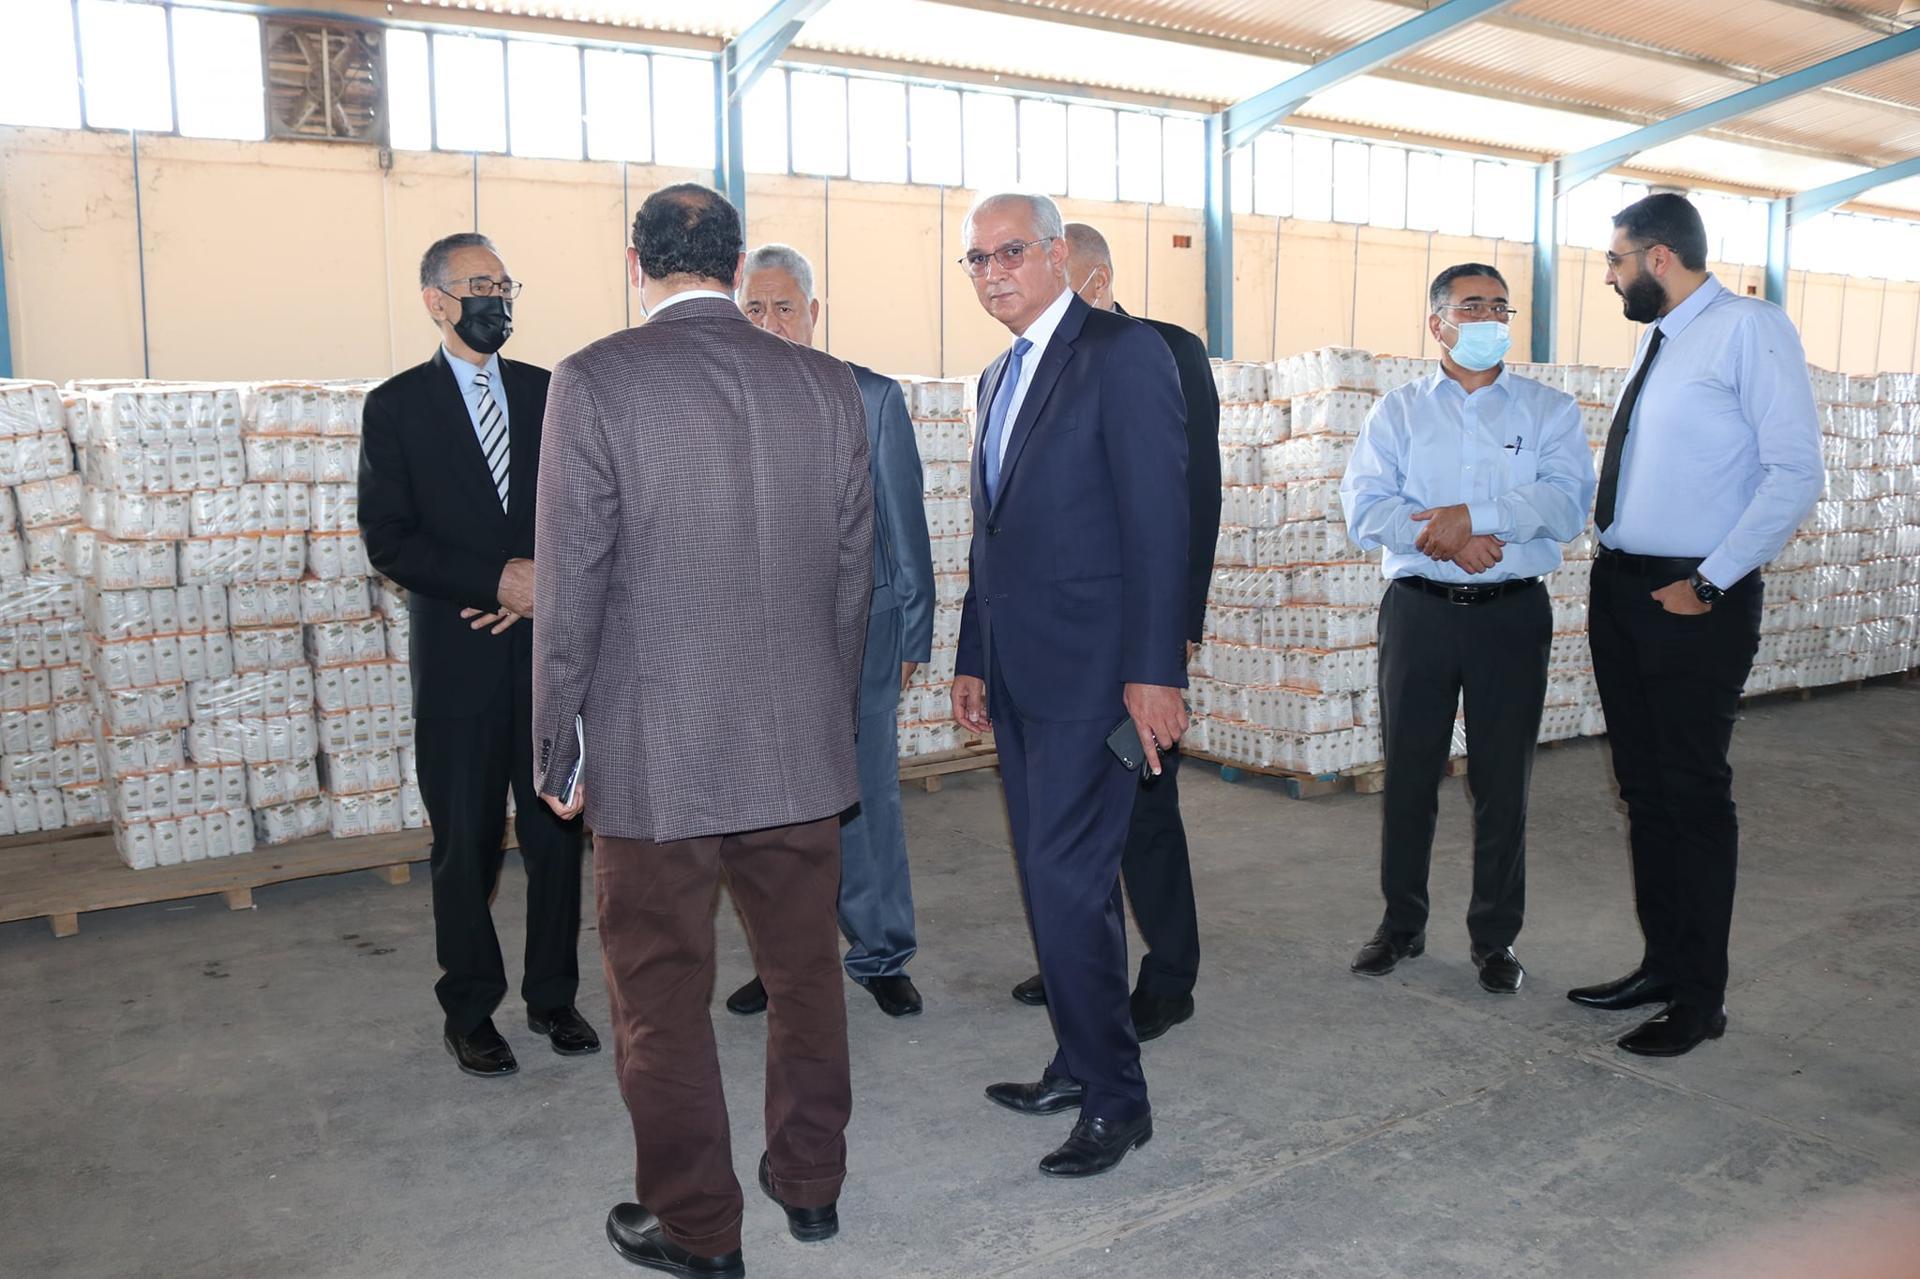 وزير الاقتصاد يتفقّد مخازن صندوق مُوازنة الأسعار في بنغازي